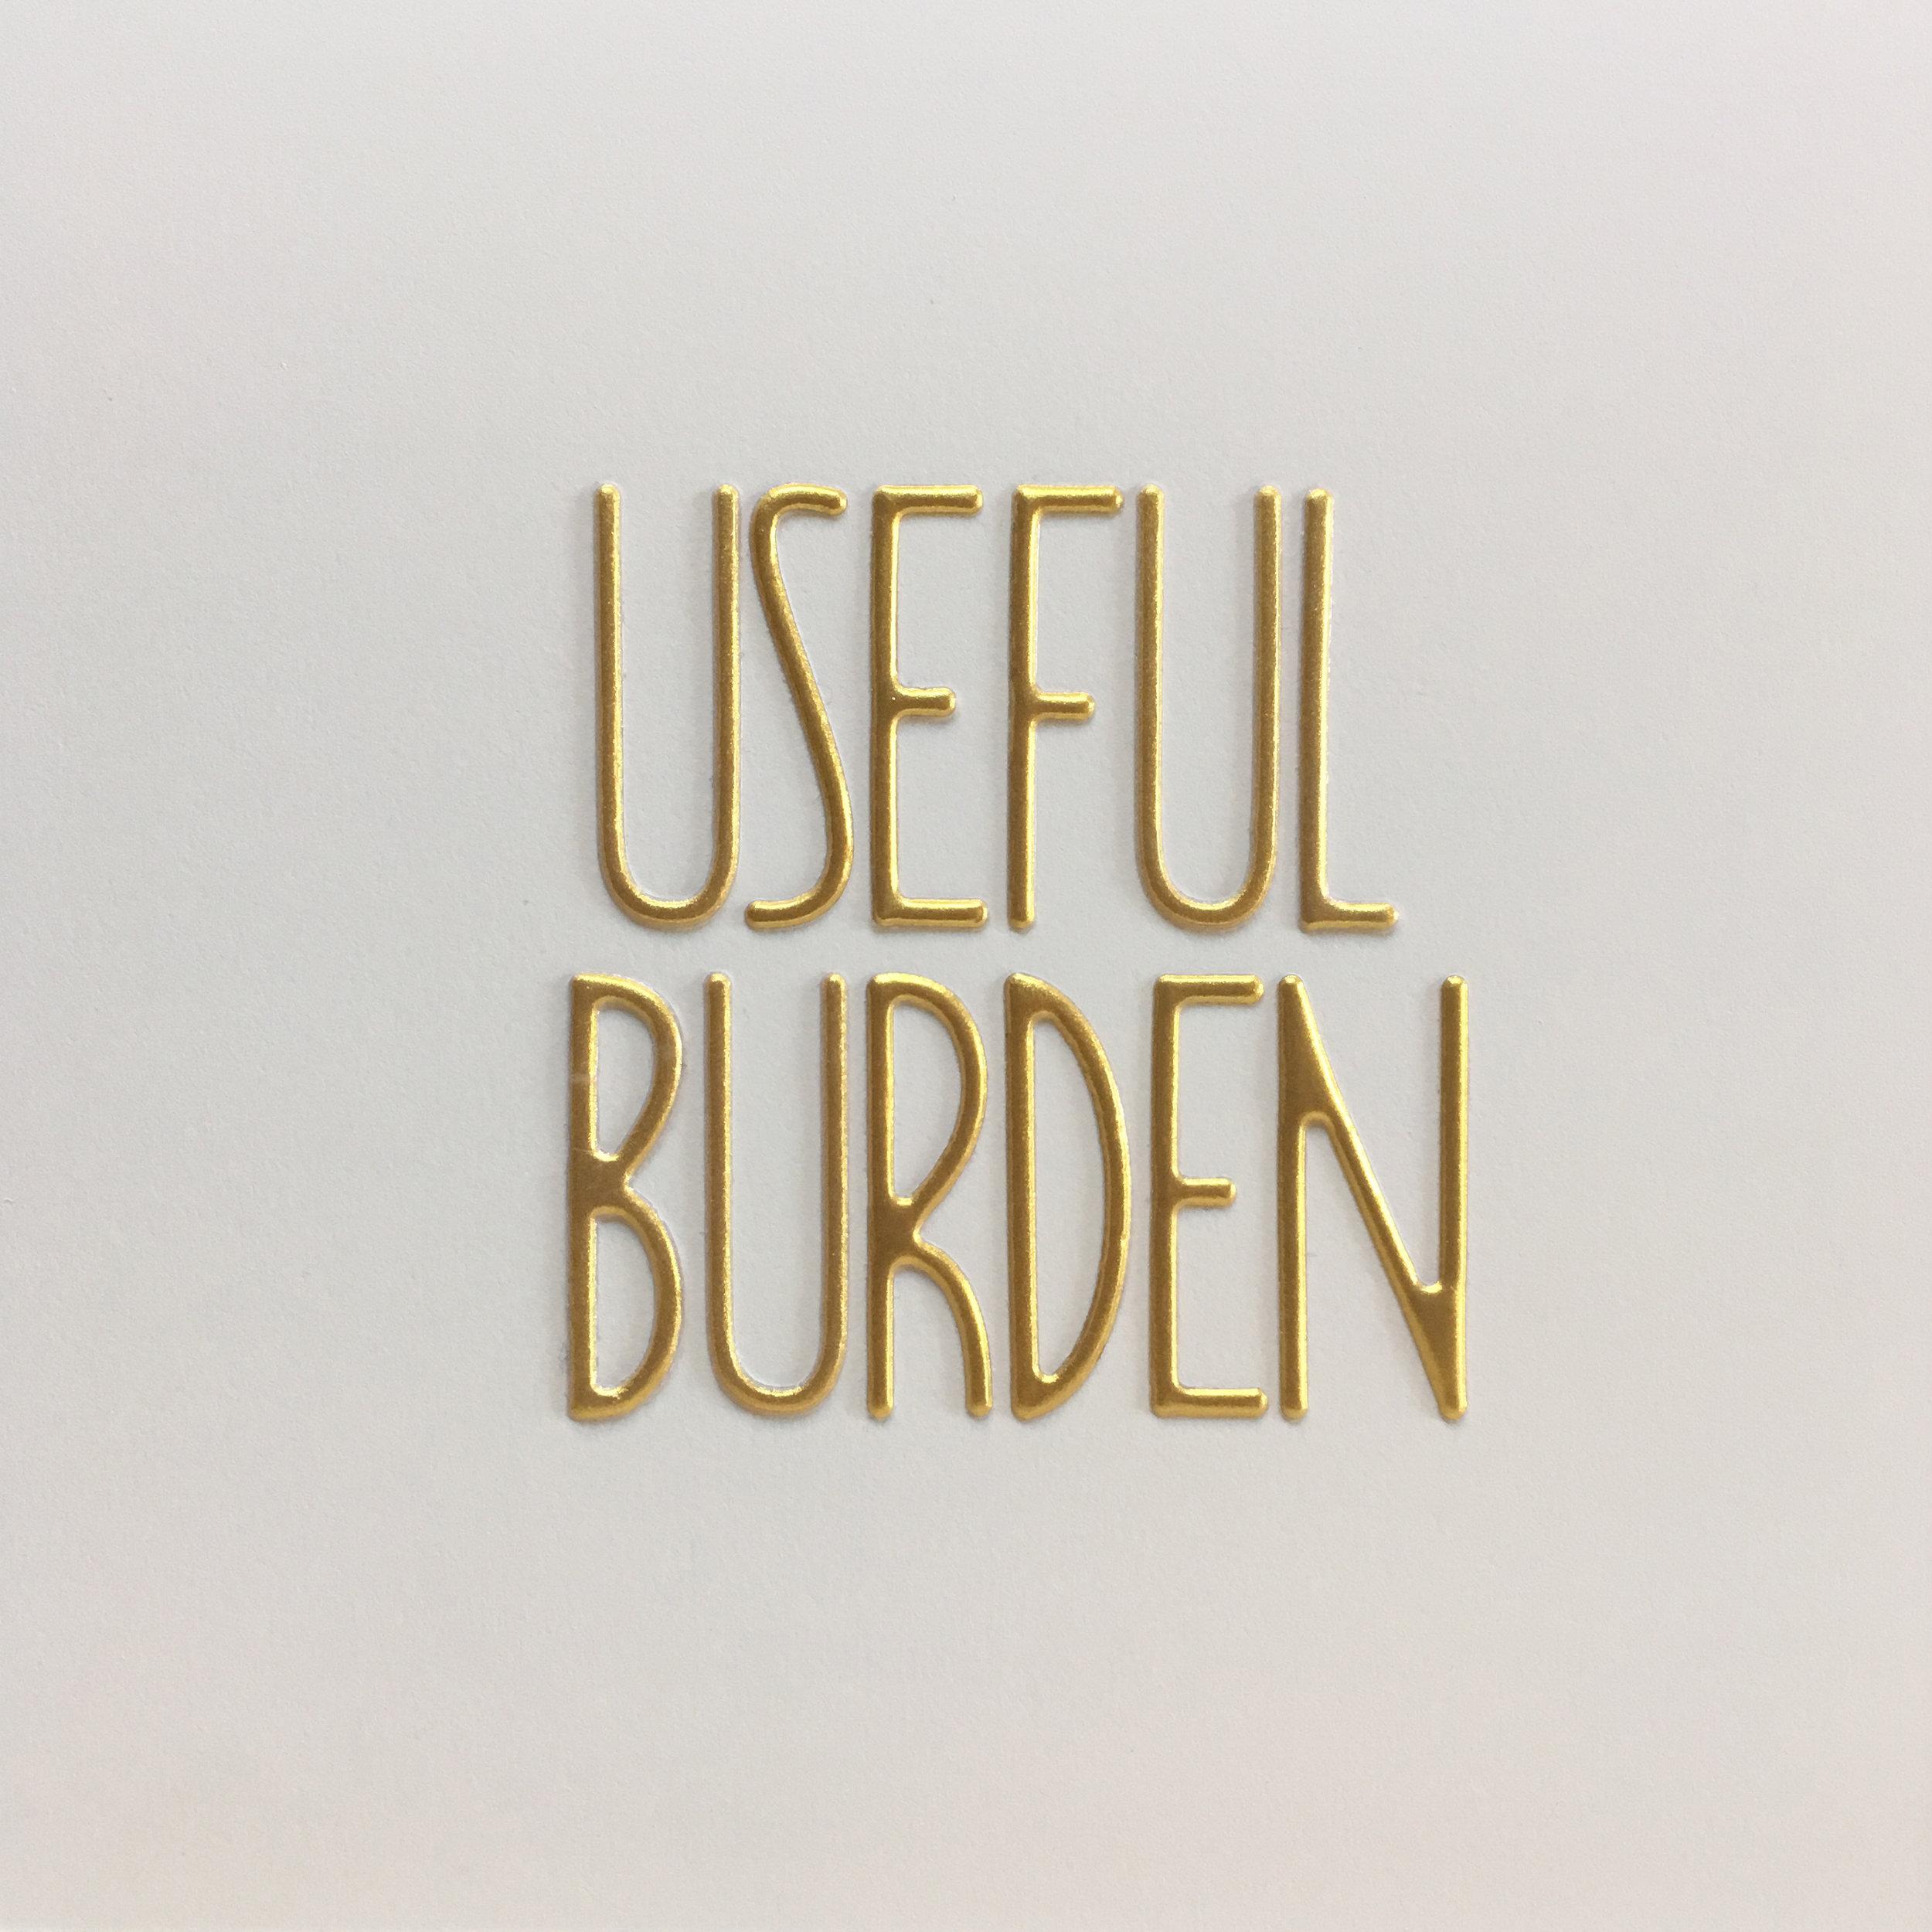 useful burden.jpg